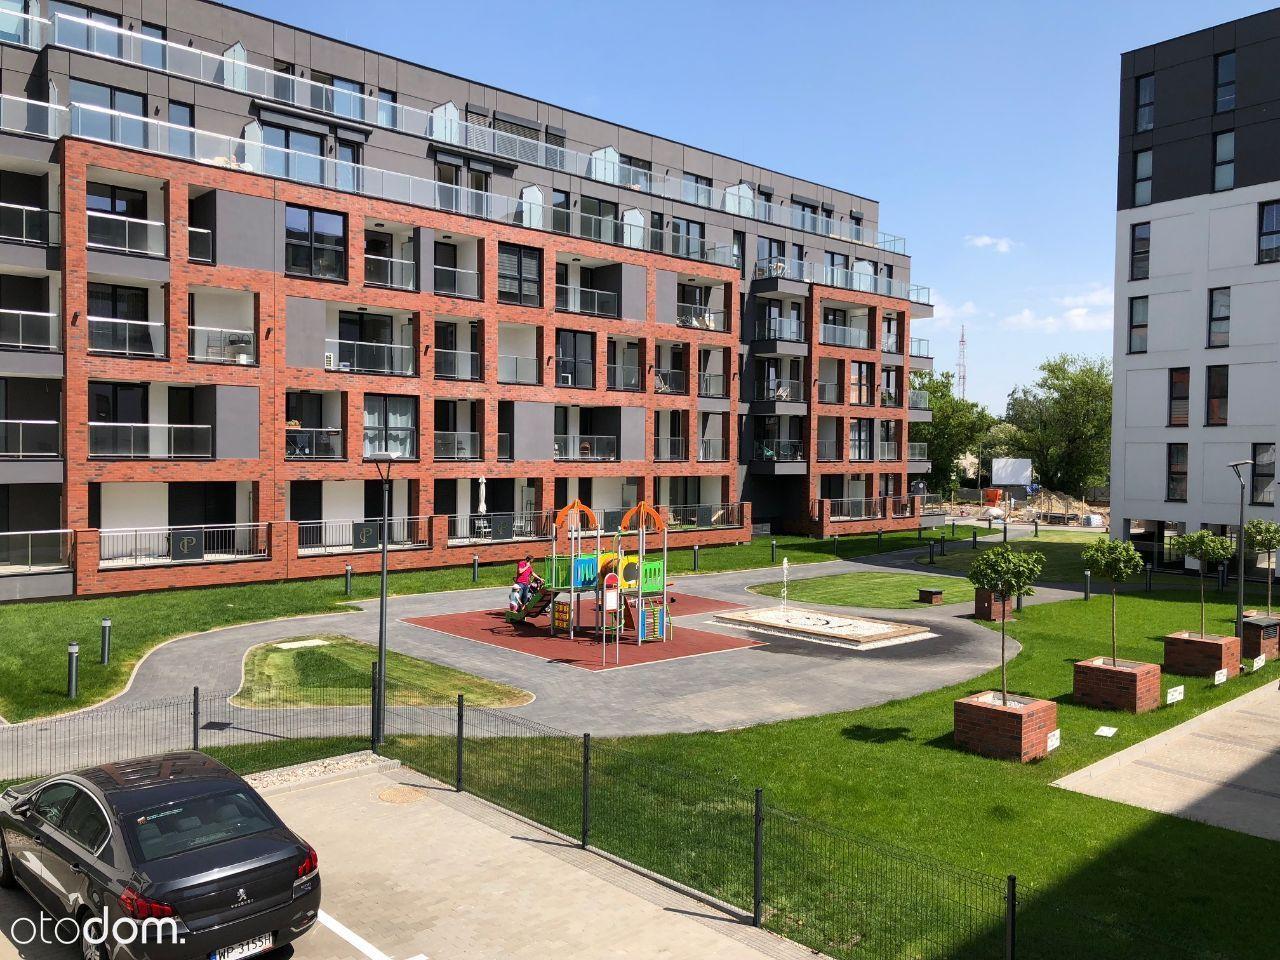 Mieszkanie Kawalerka 38mkw do wynajęcia Bydgoszcz